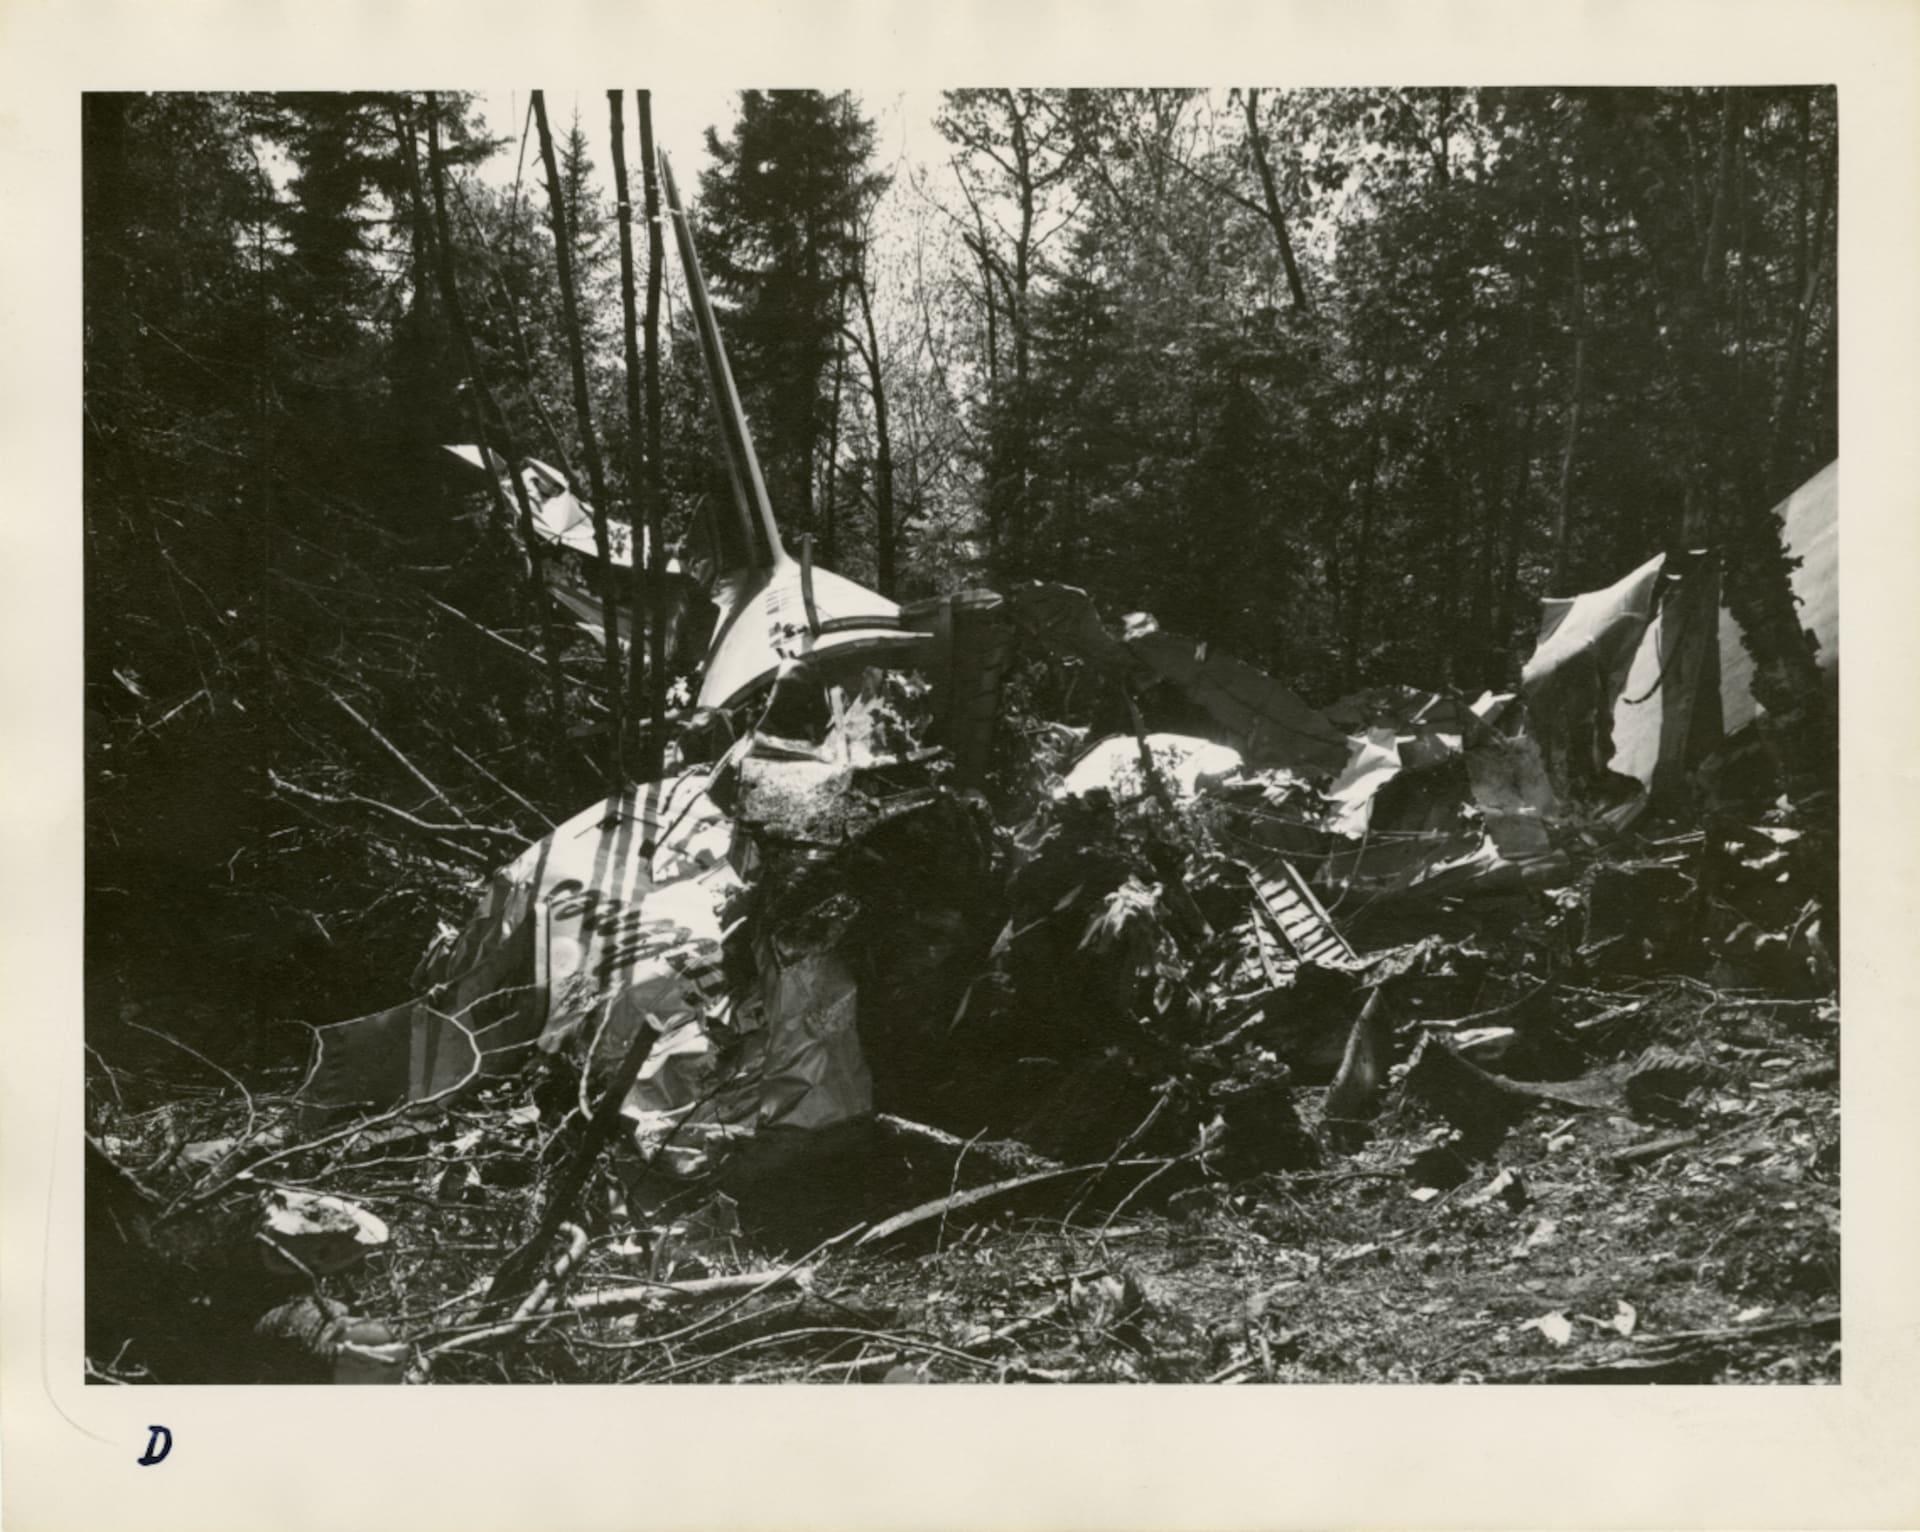 Photo en noir et blanc des débris de l'avion dans la forêt